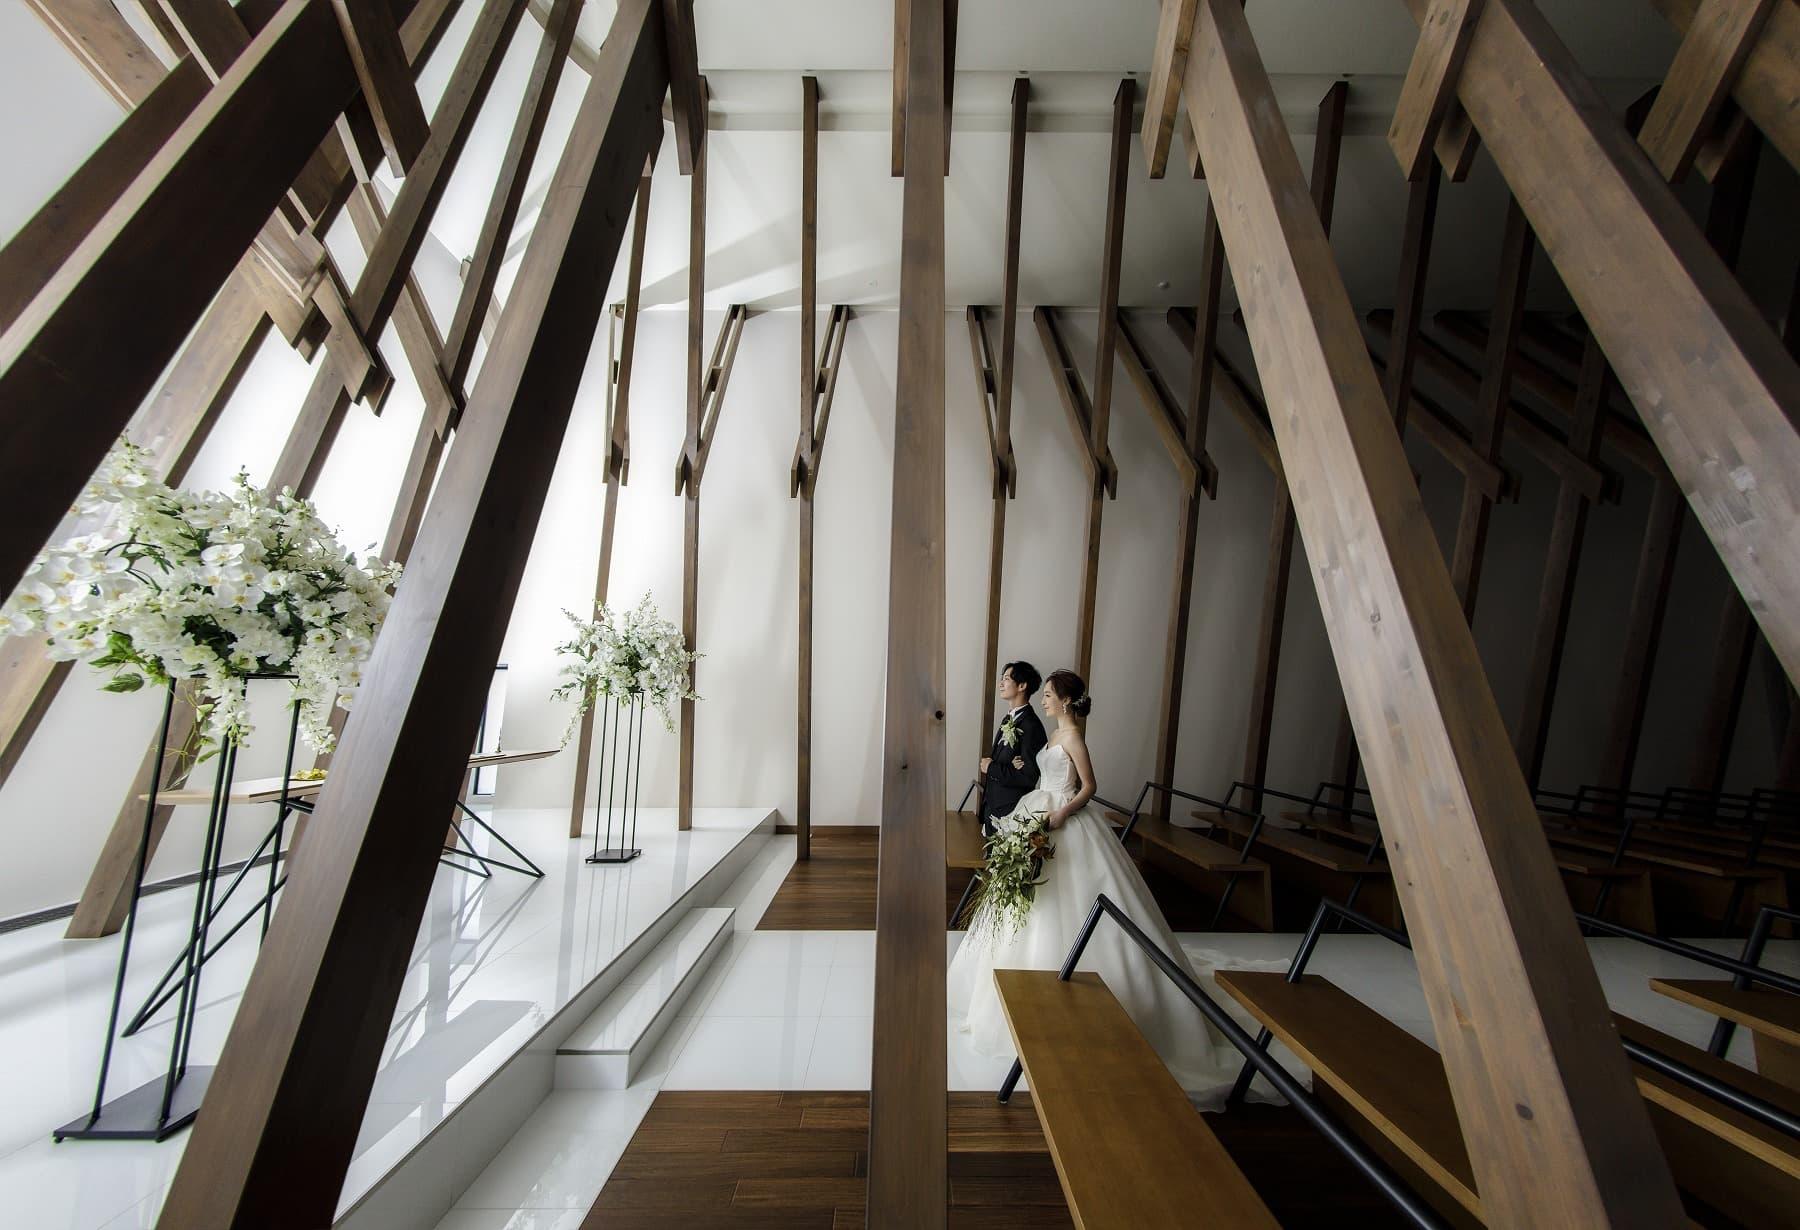 香川県高松市の結婚式場アナザースタイルのチャペル